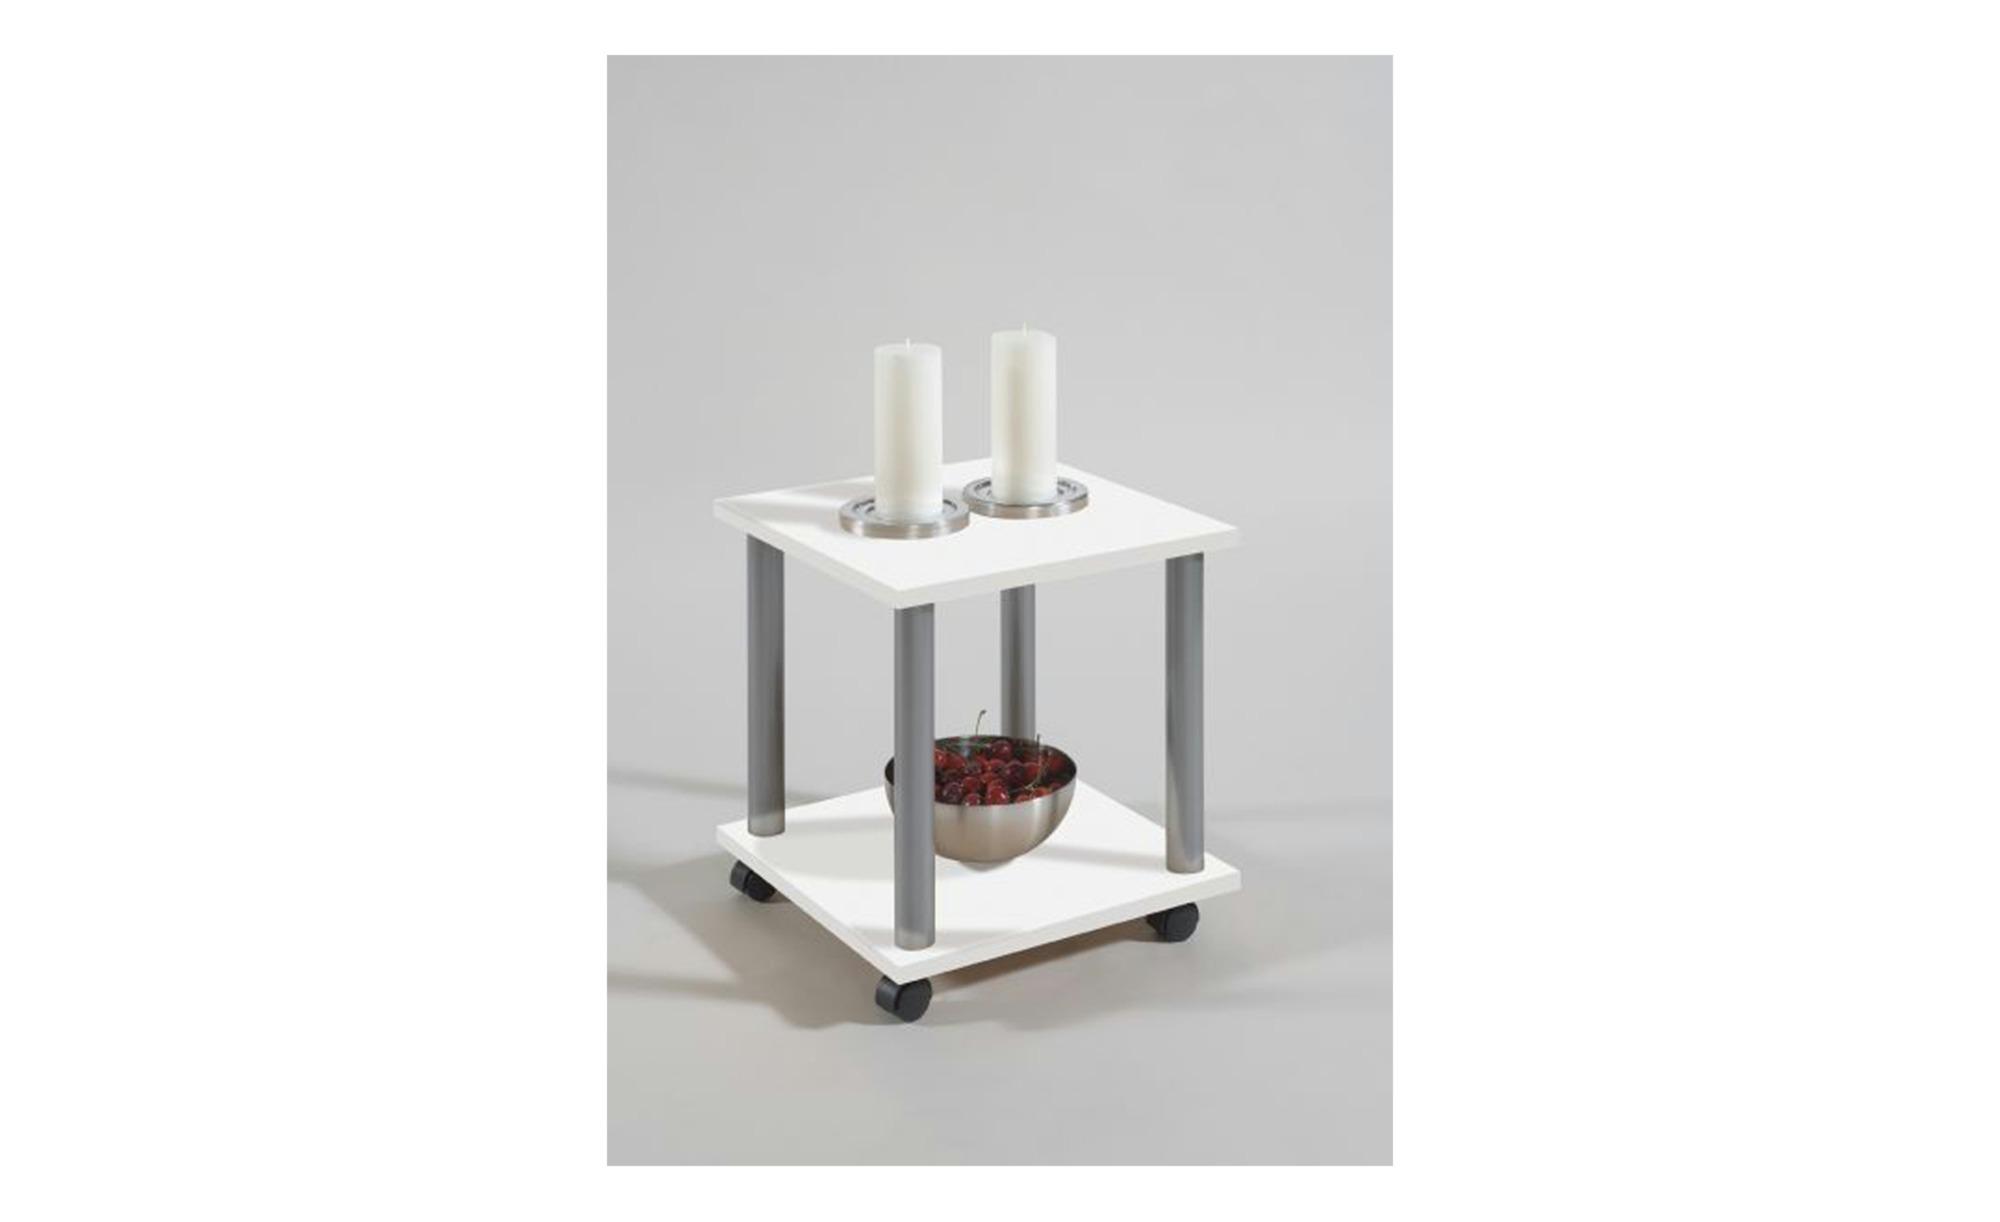 Sconto Přístavný stolek 600-011 Jango 11